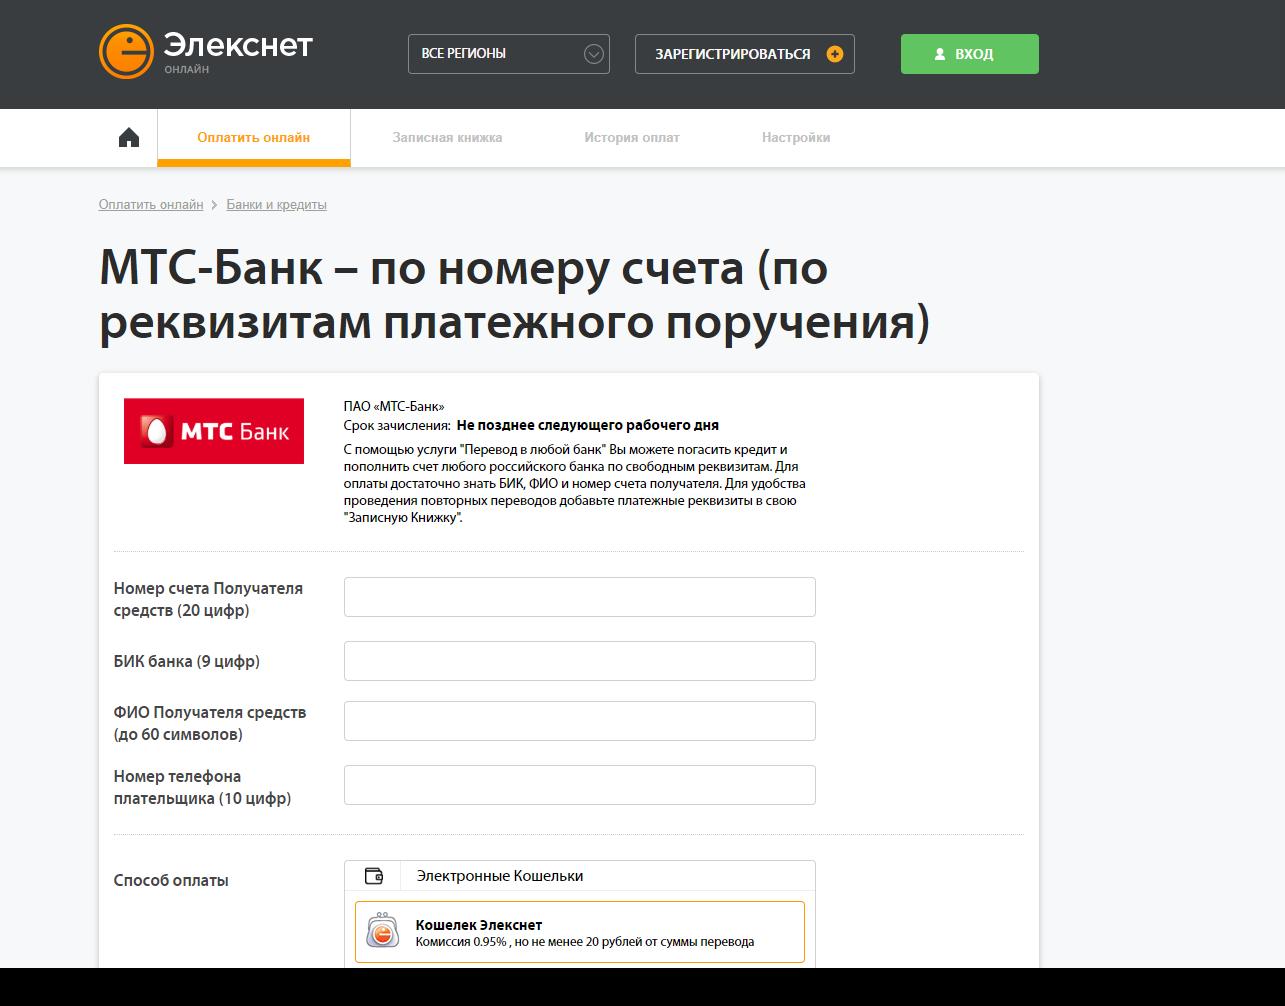 mts-bank-oplatit-kredit-onlajn_9